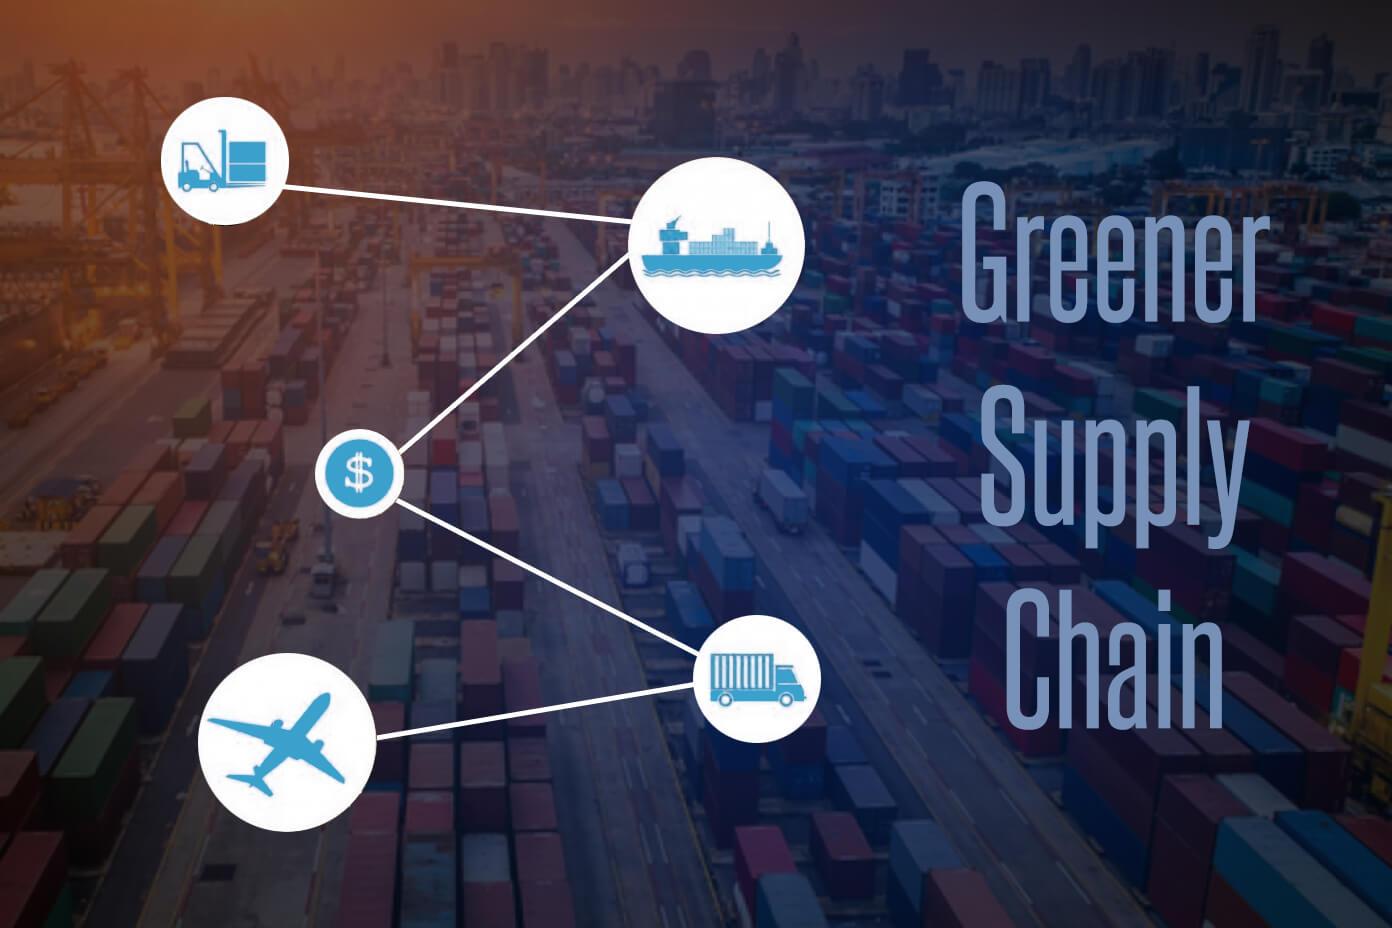 Greener Supply Chain